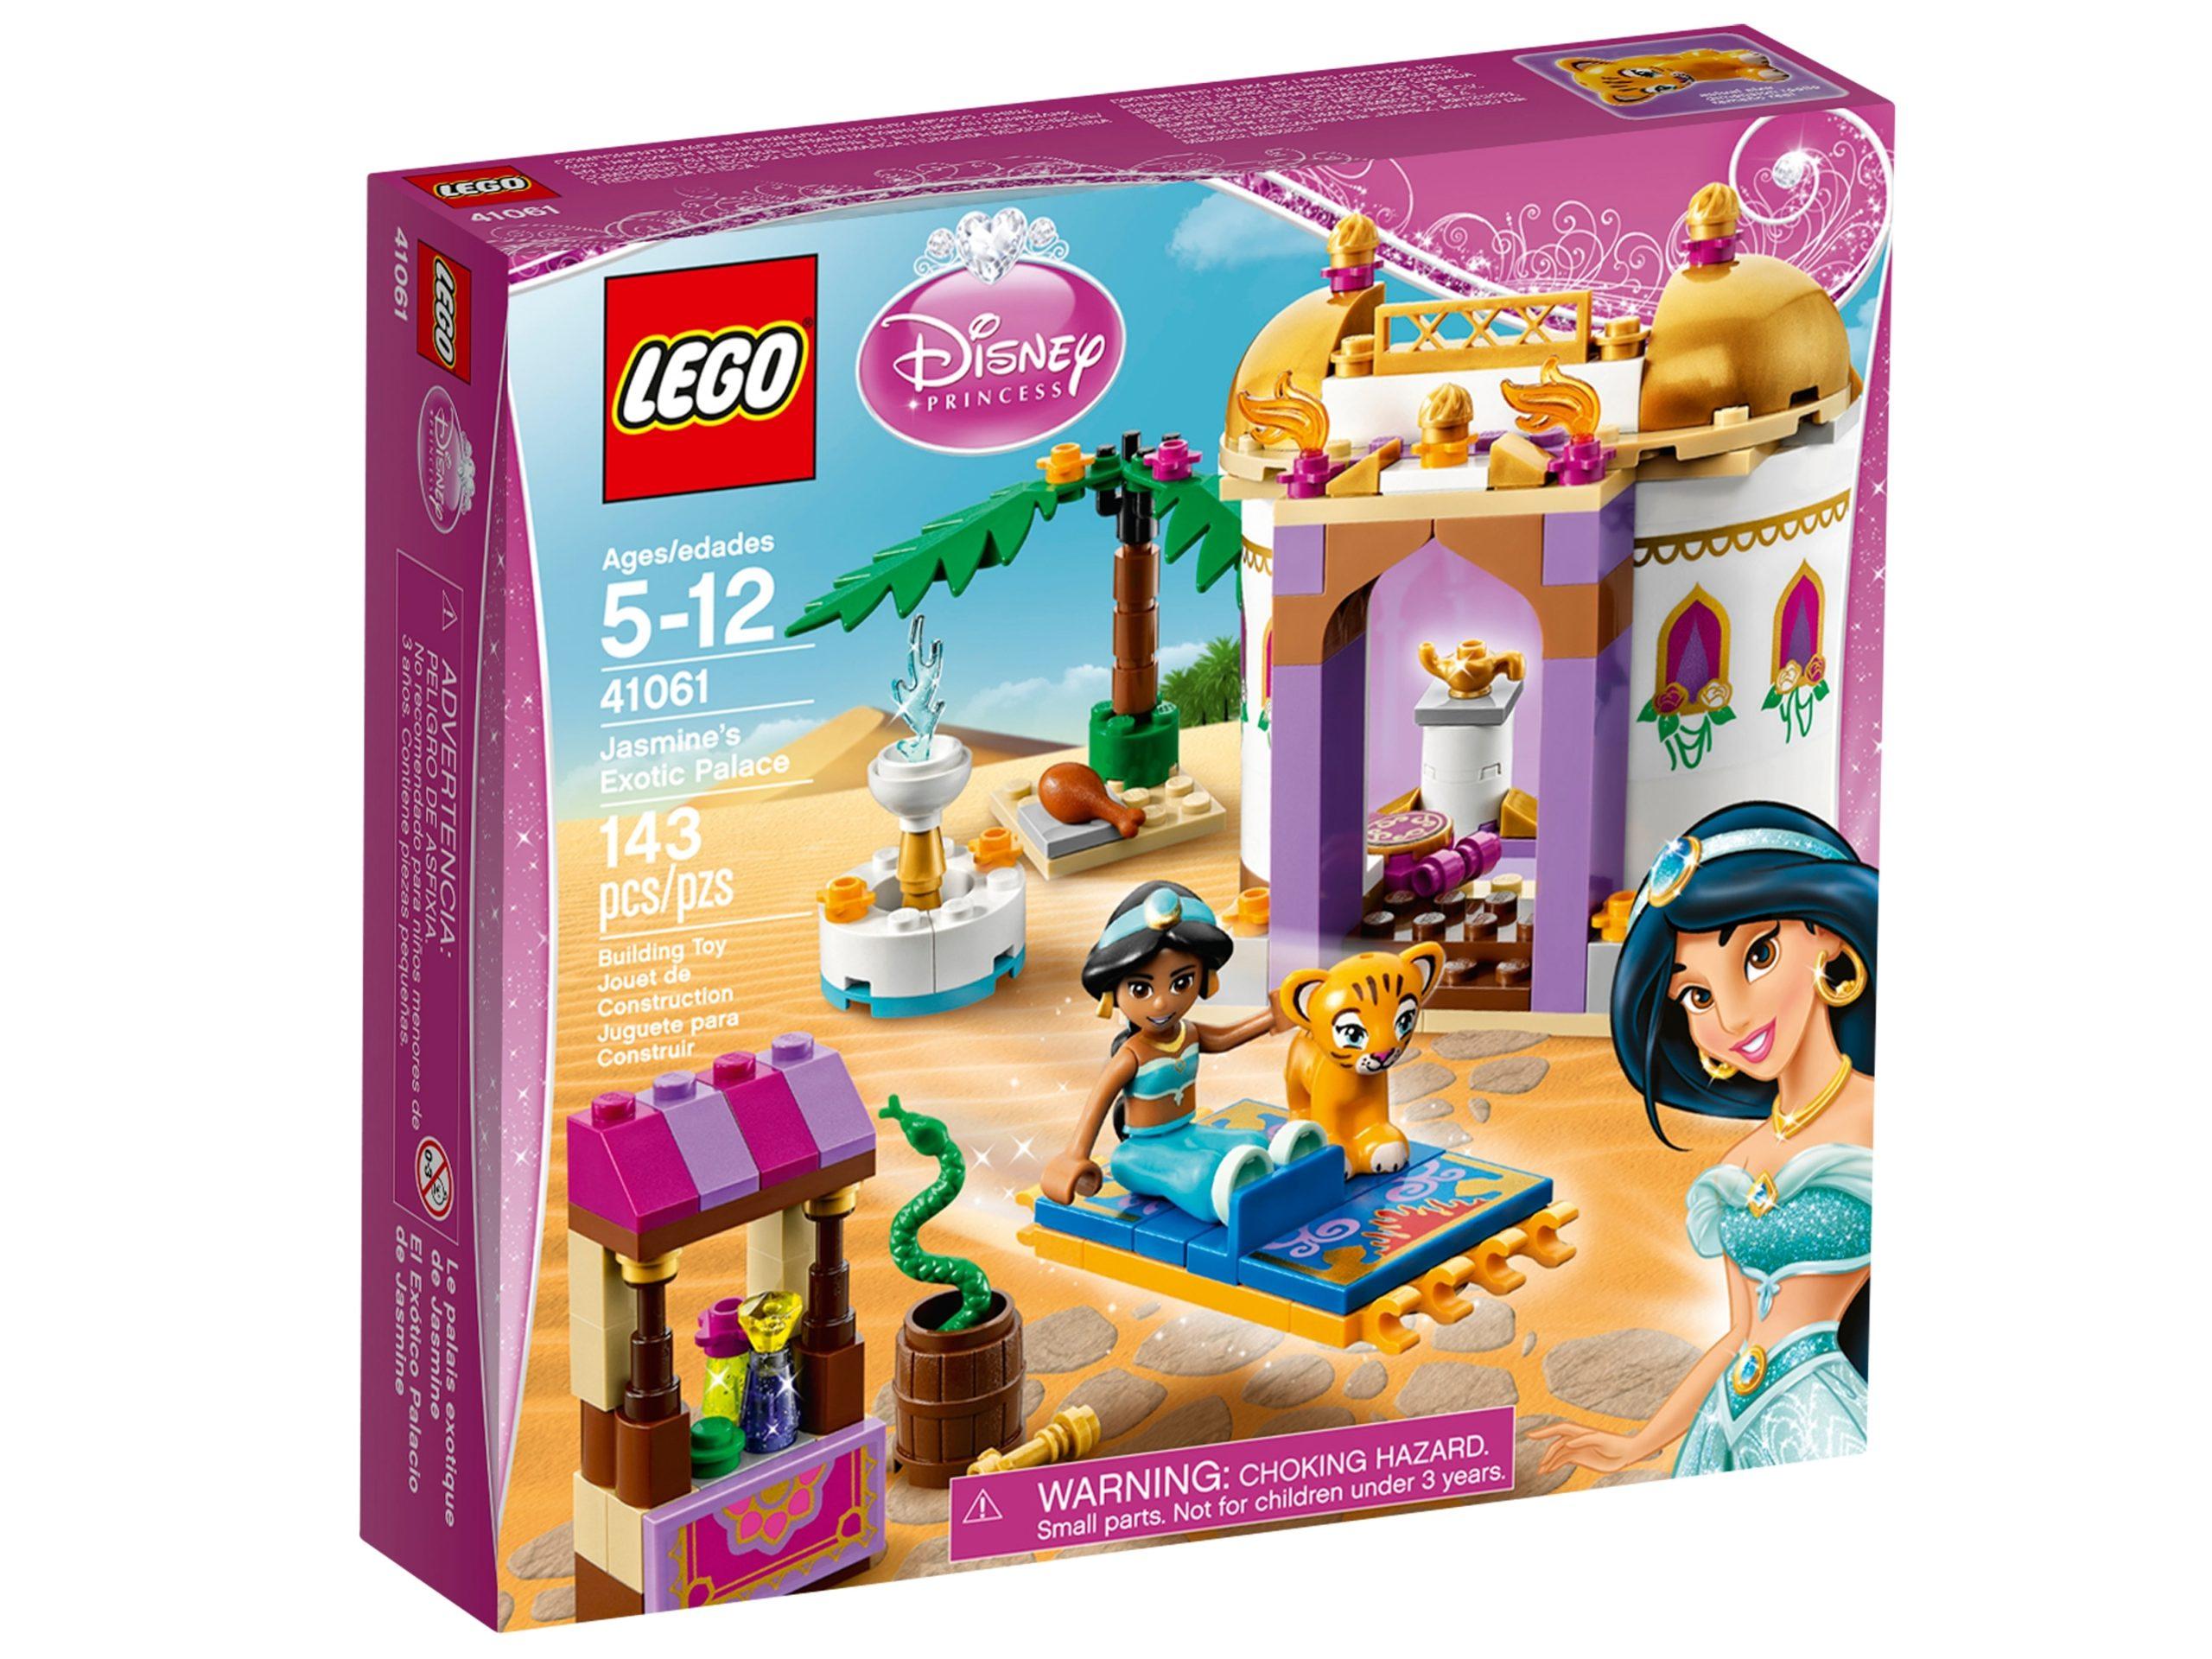 lego 41061 il palazzo esotico di jasmine scaled